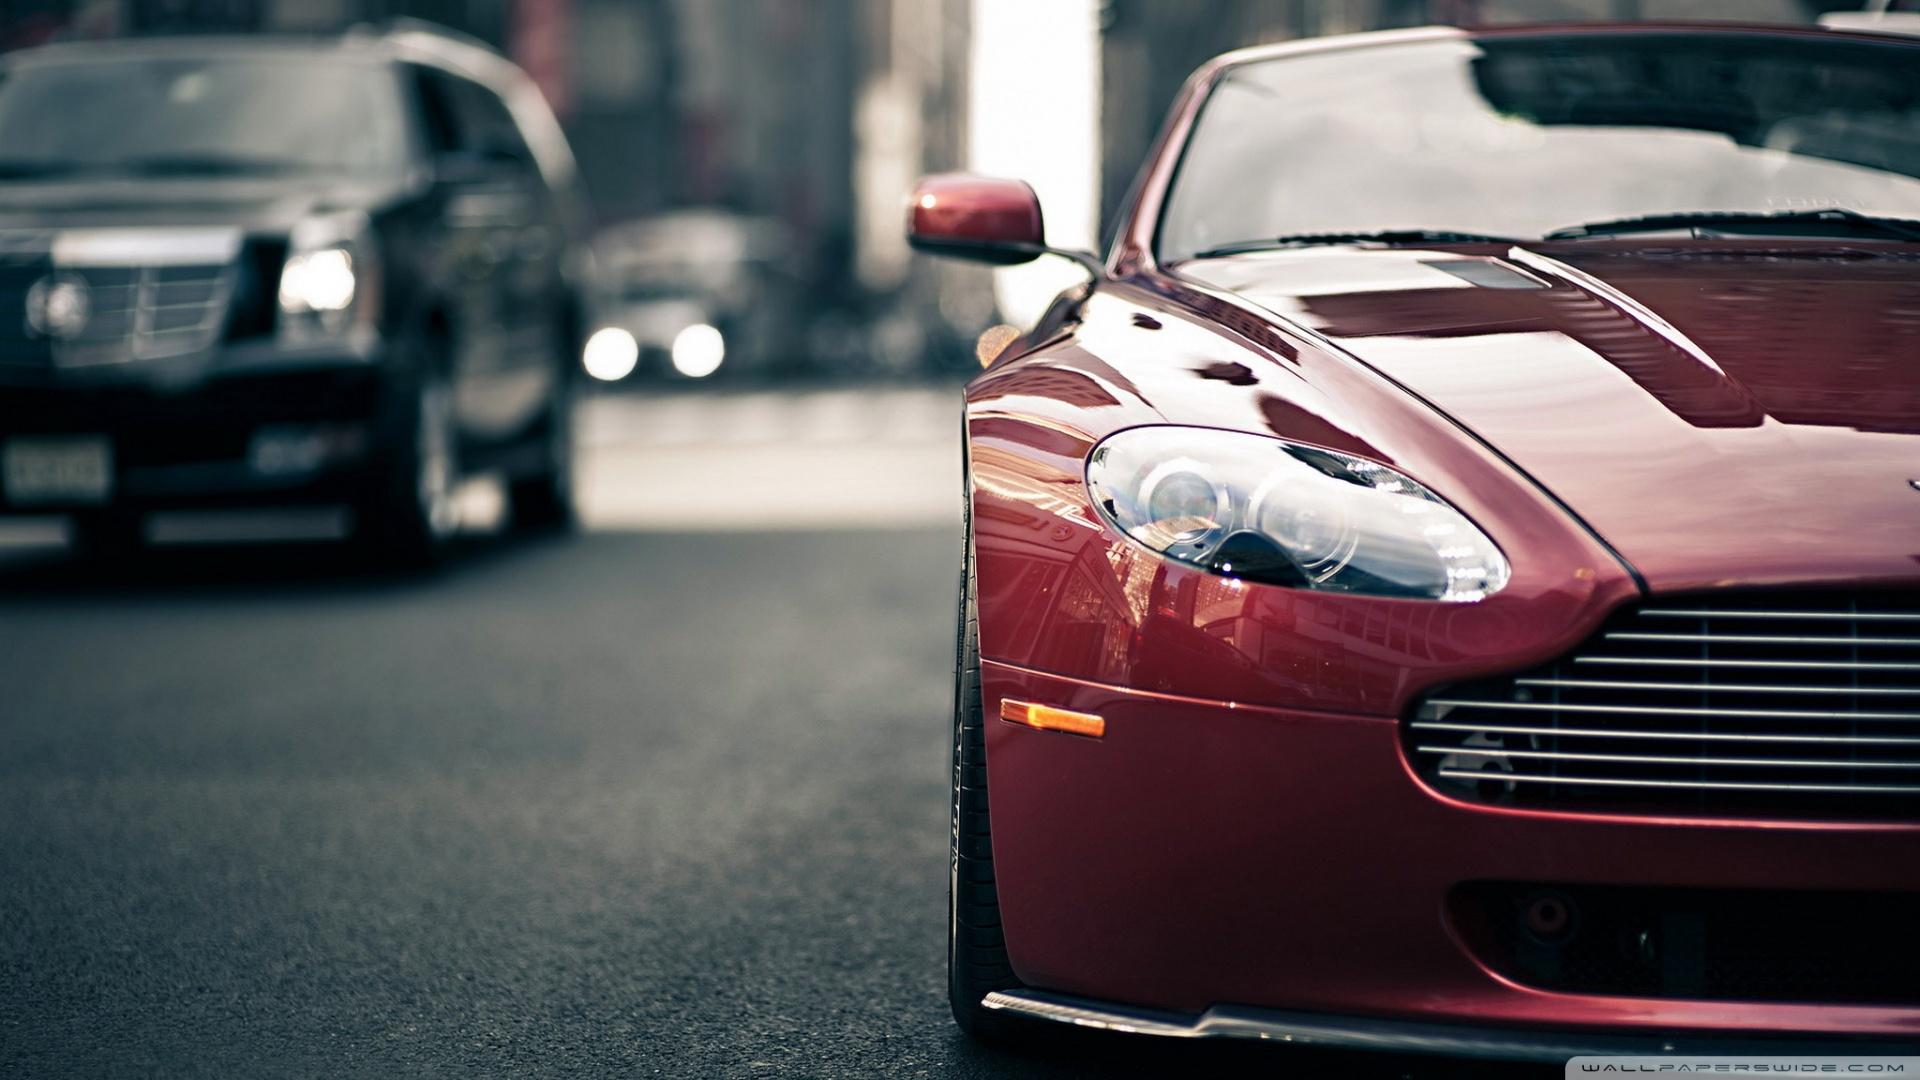 Aston Martin Vantage 4k Hd Desktop Wallpaper For 4k Ultra